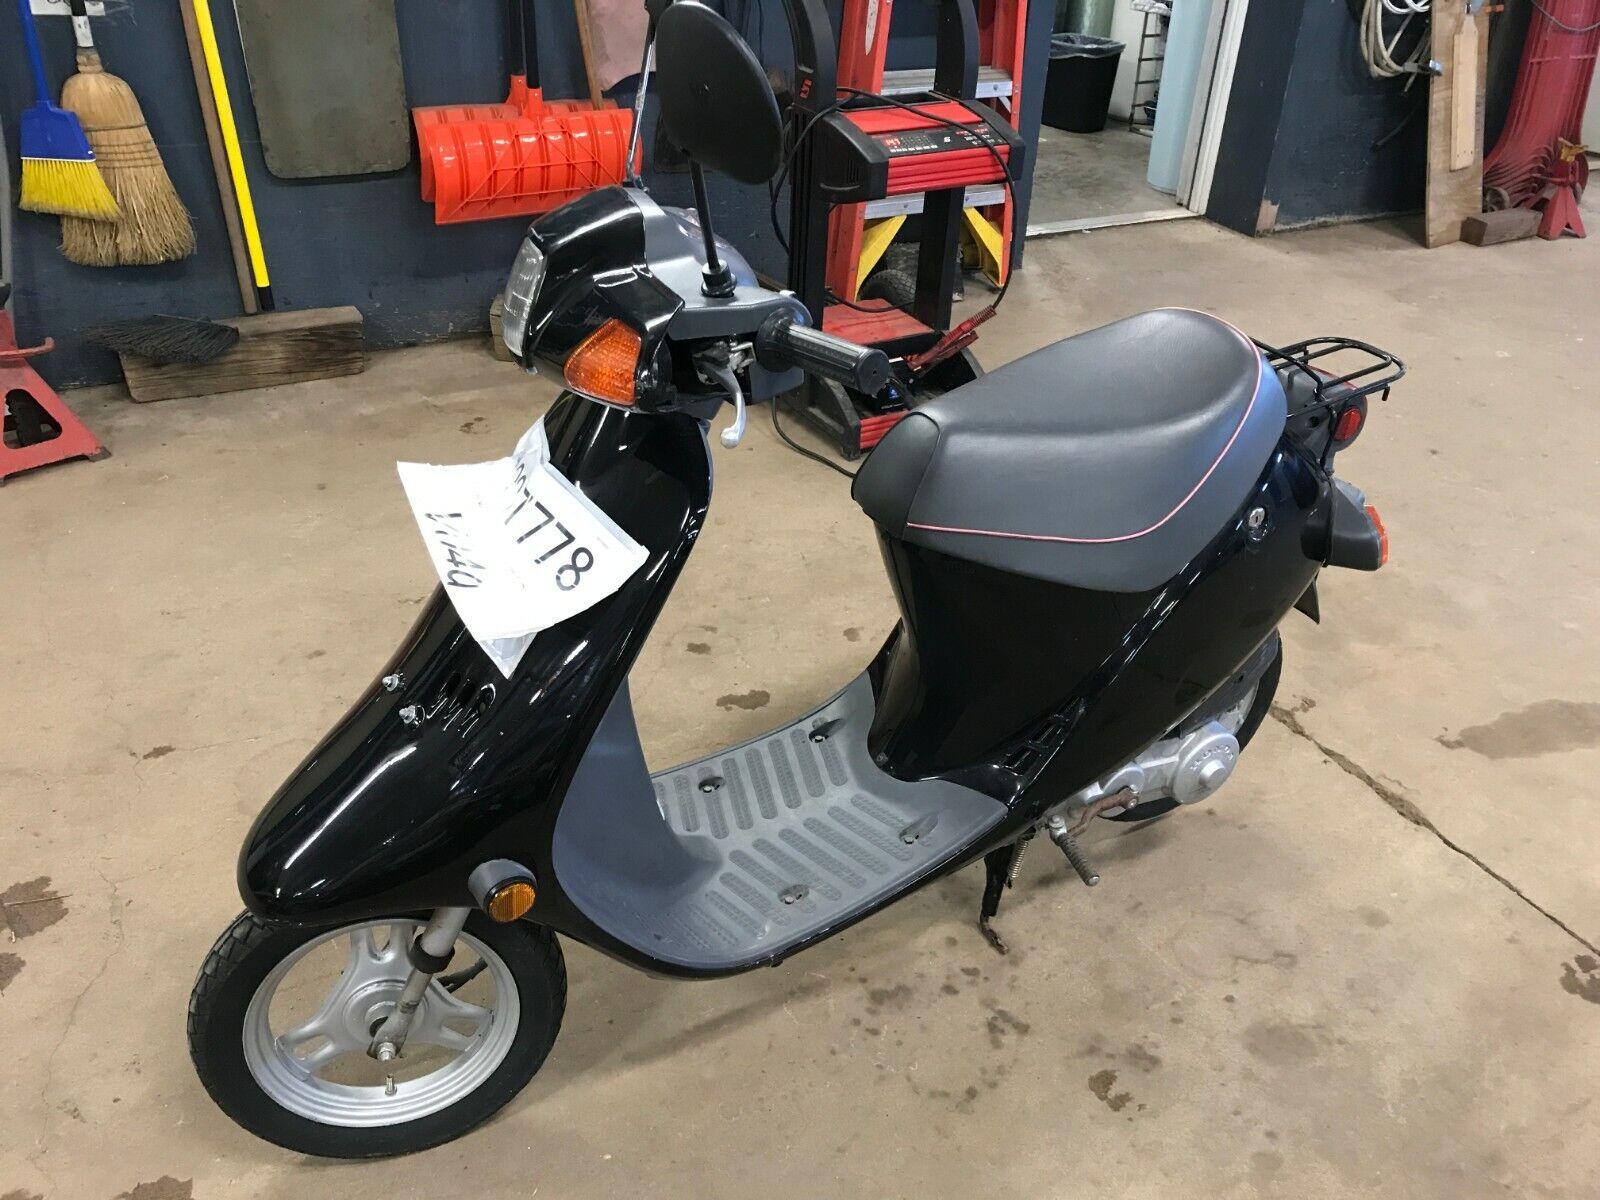 1989 Honda SB50 Moped   T1297778